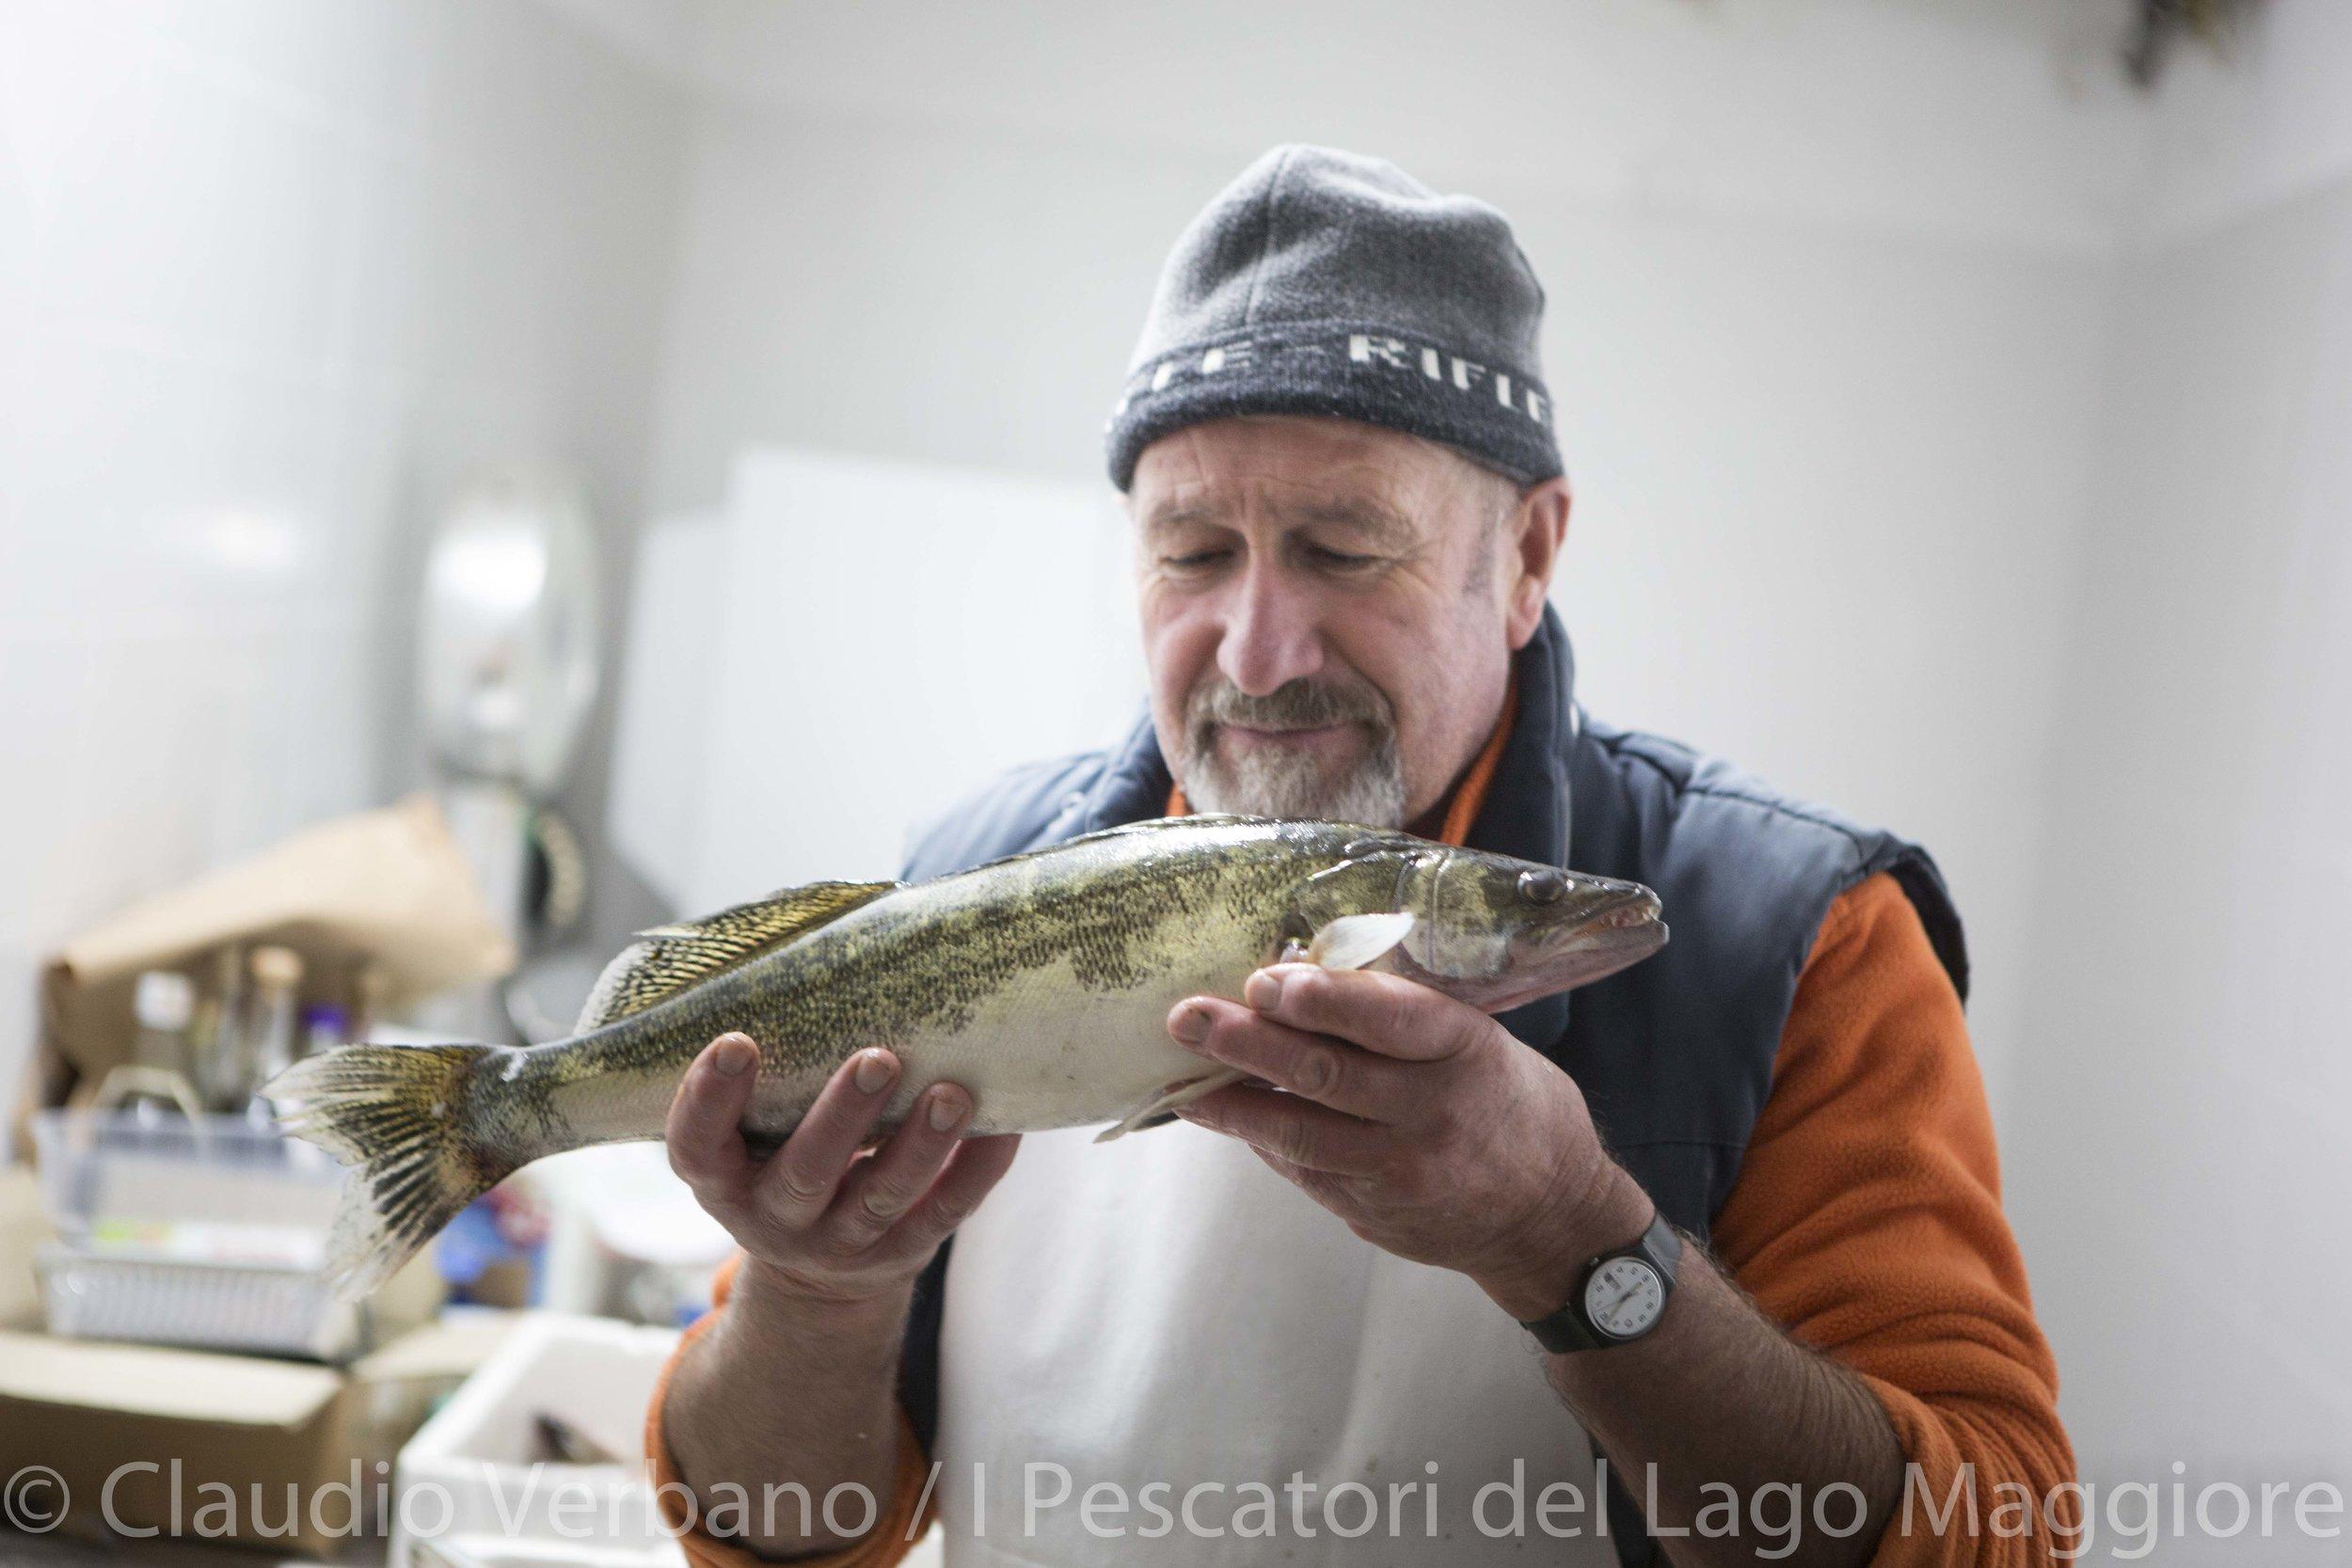 ClaudioVerbano_I Pescatori del Lago Maggiore_08.jpg